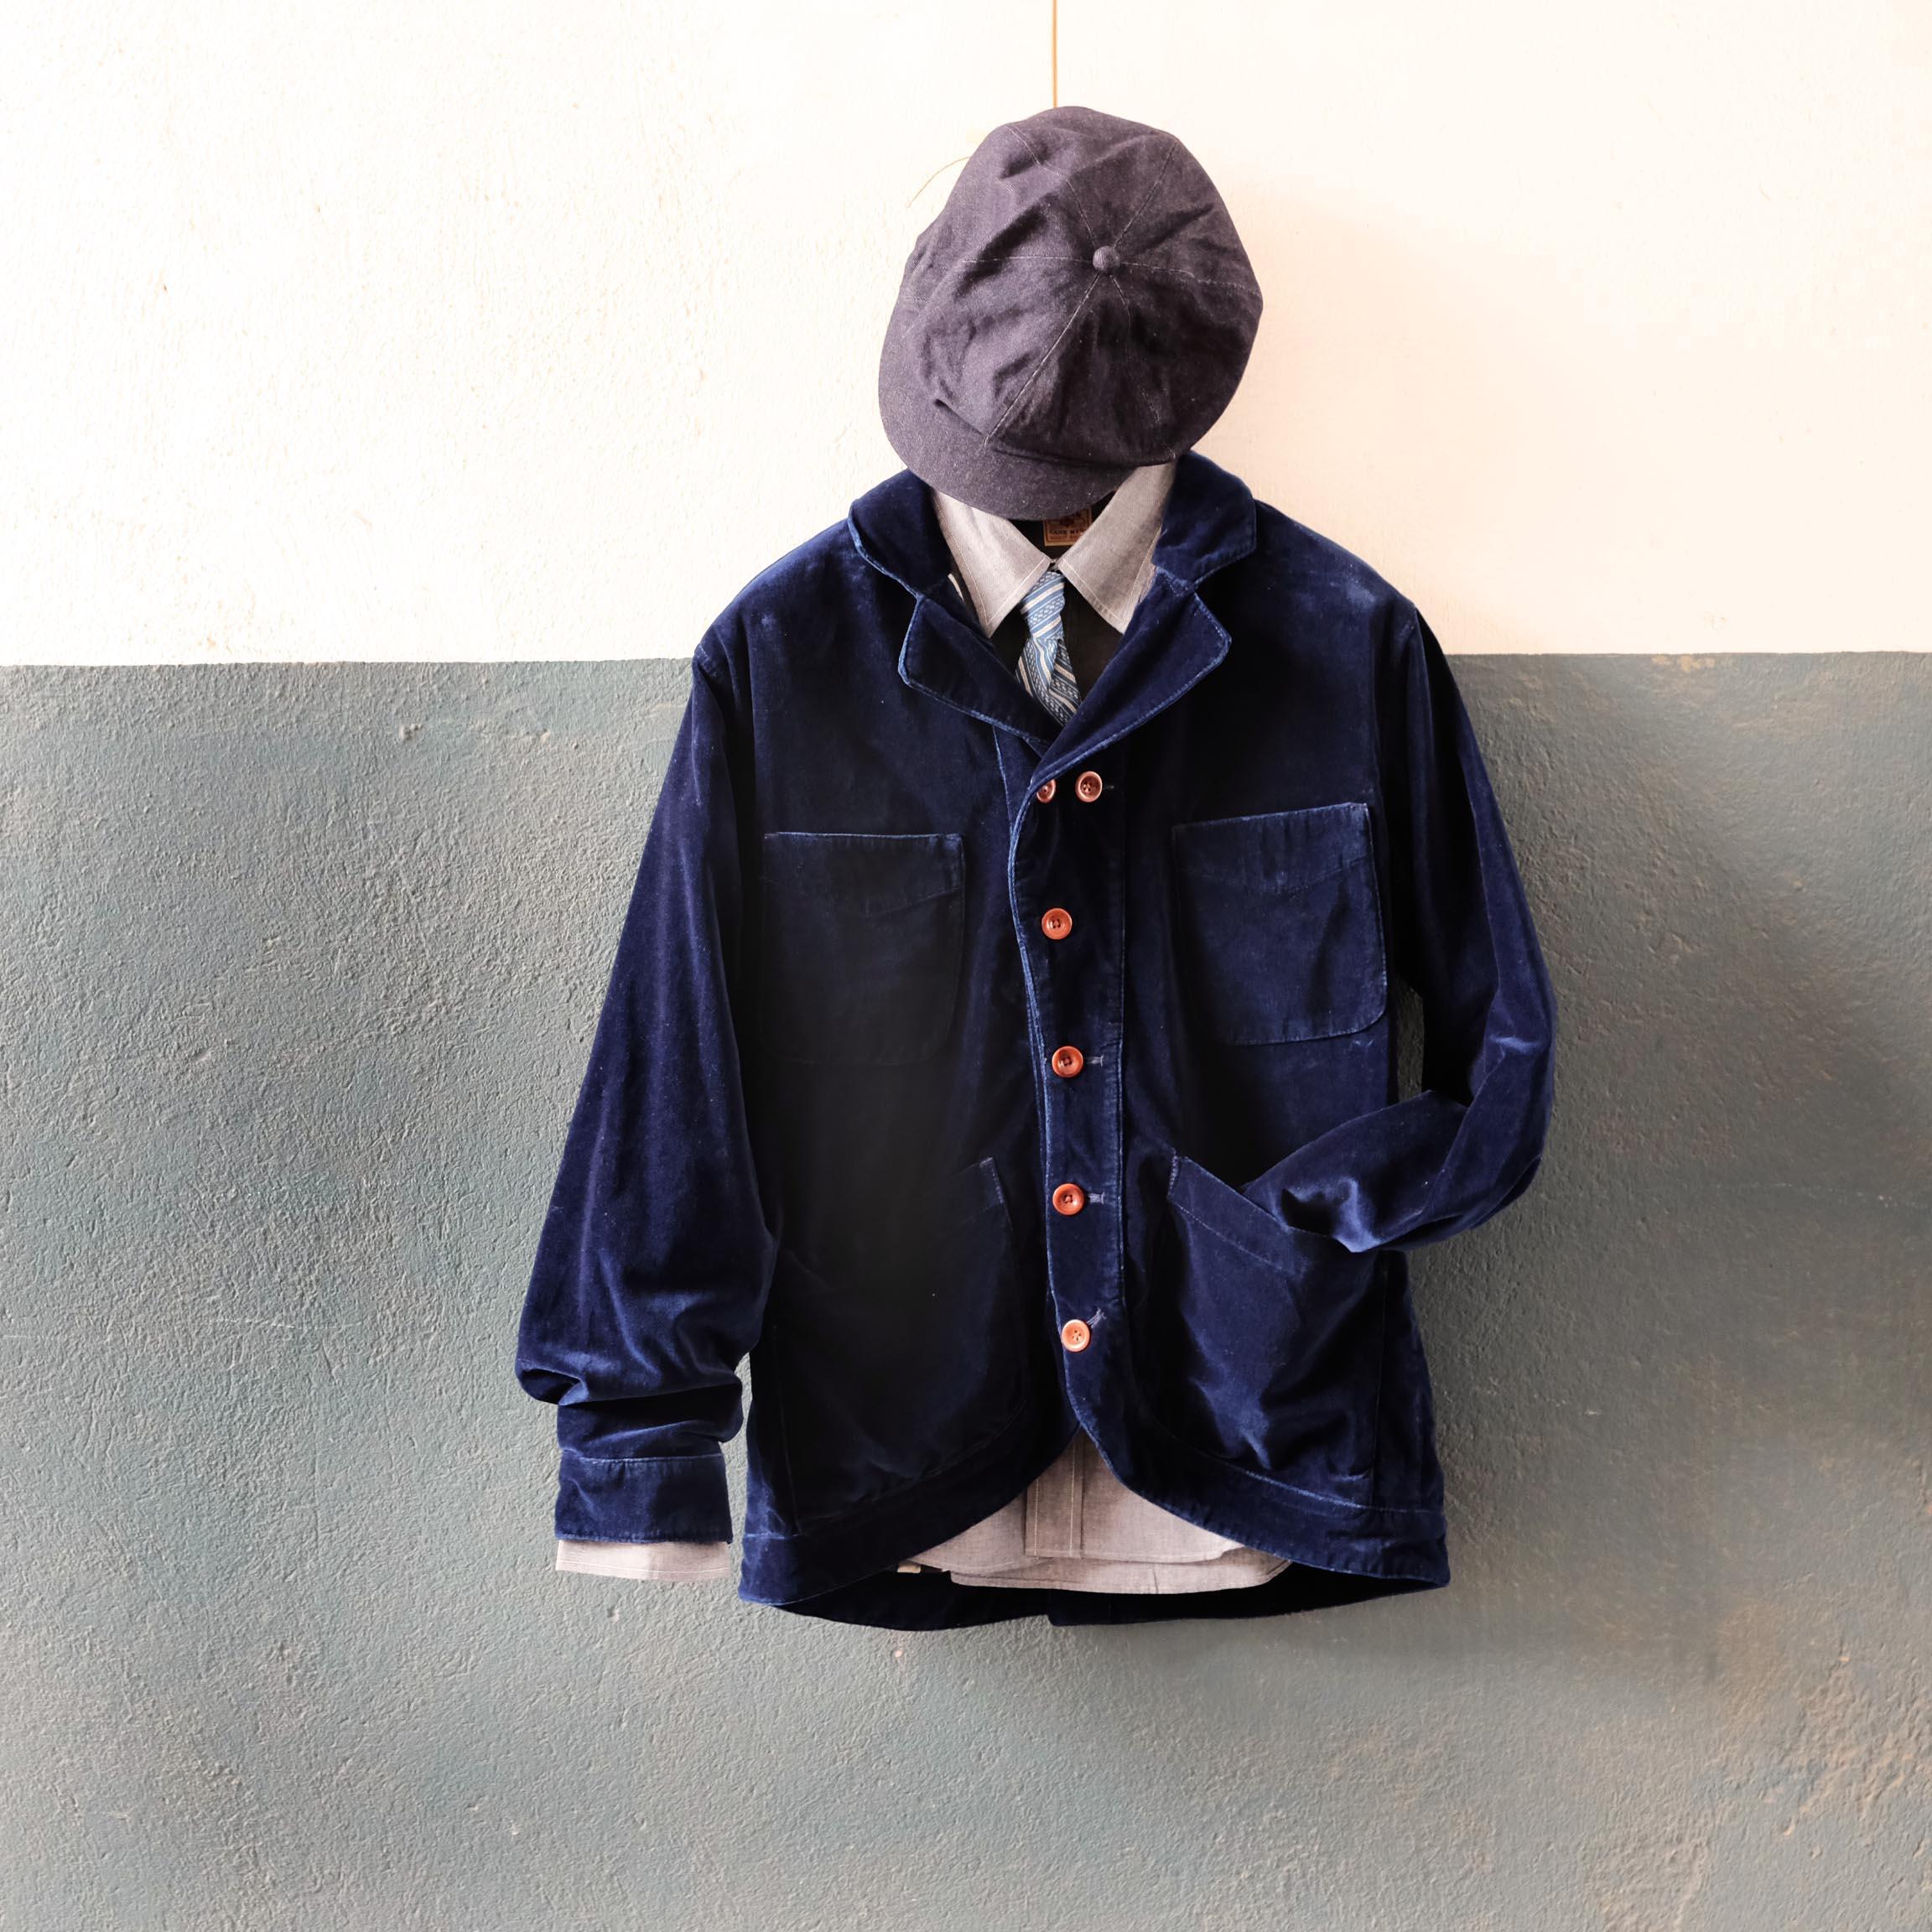 madebyscrub-jacke-chambray-hemd-kappe-krawatte